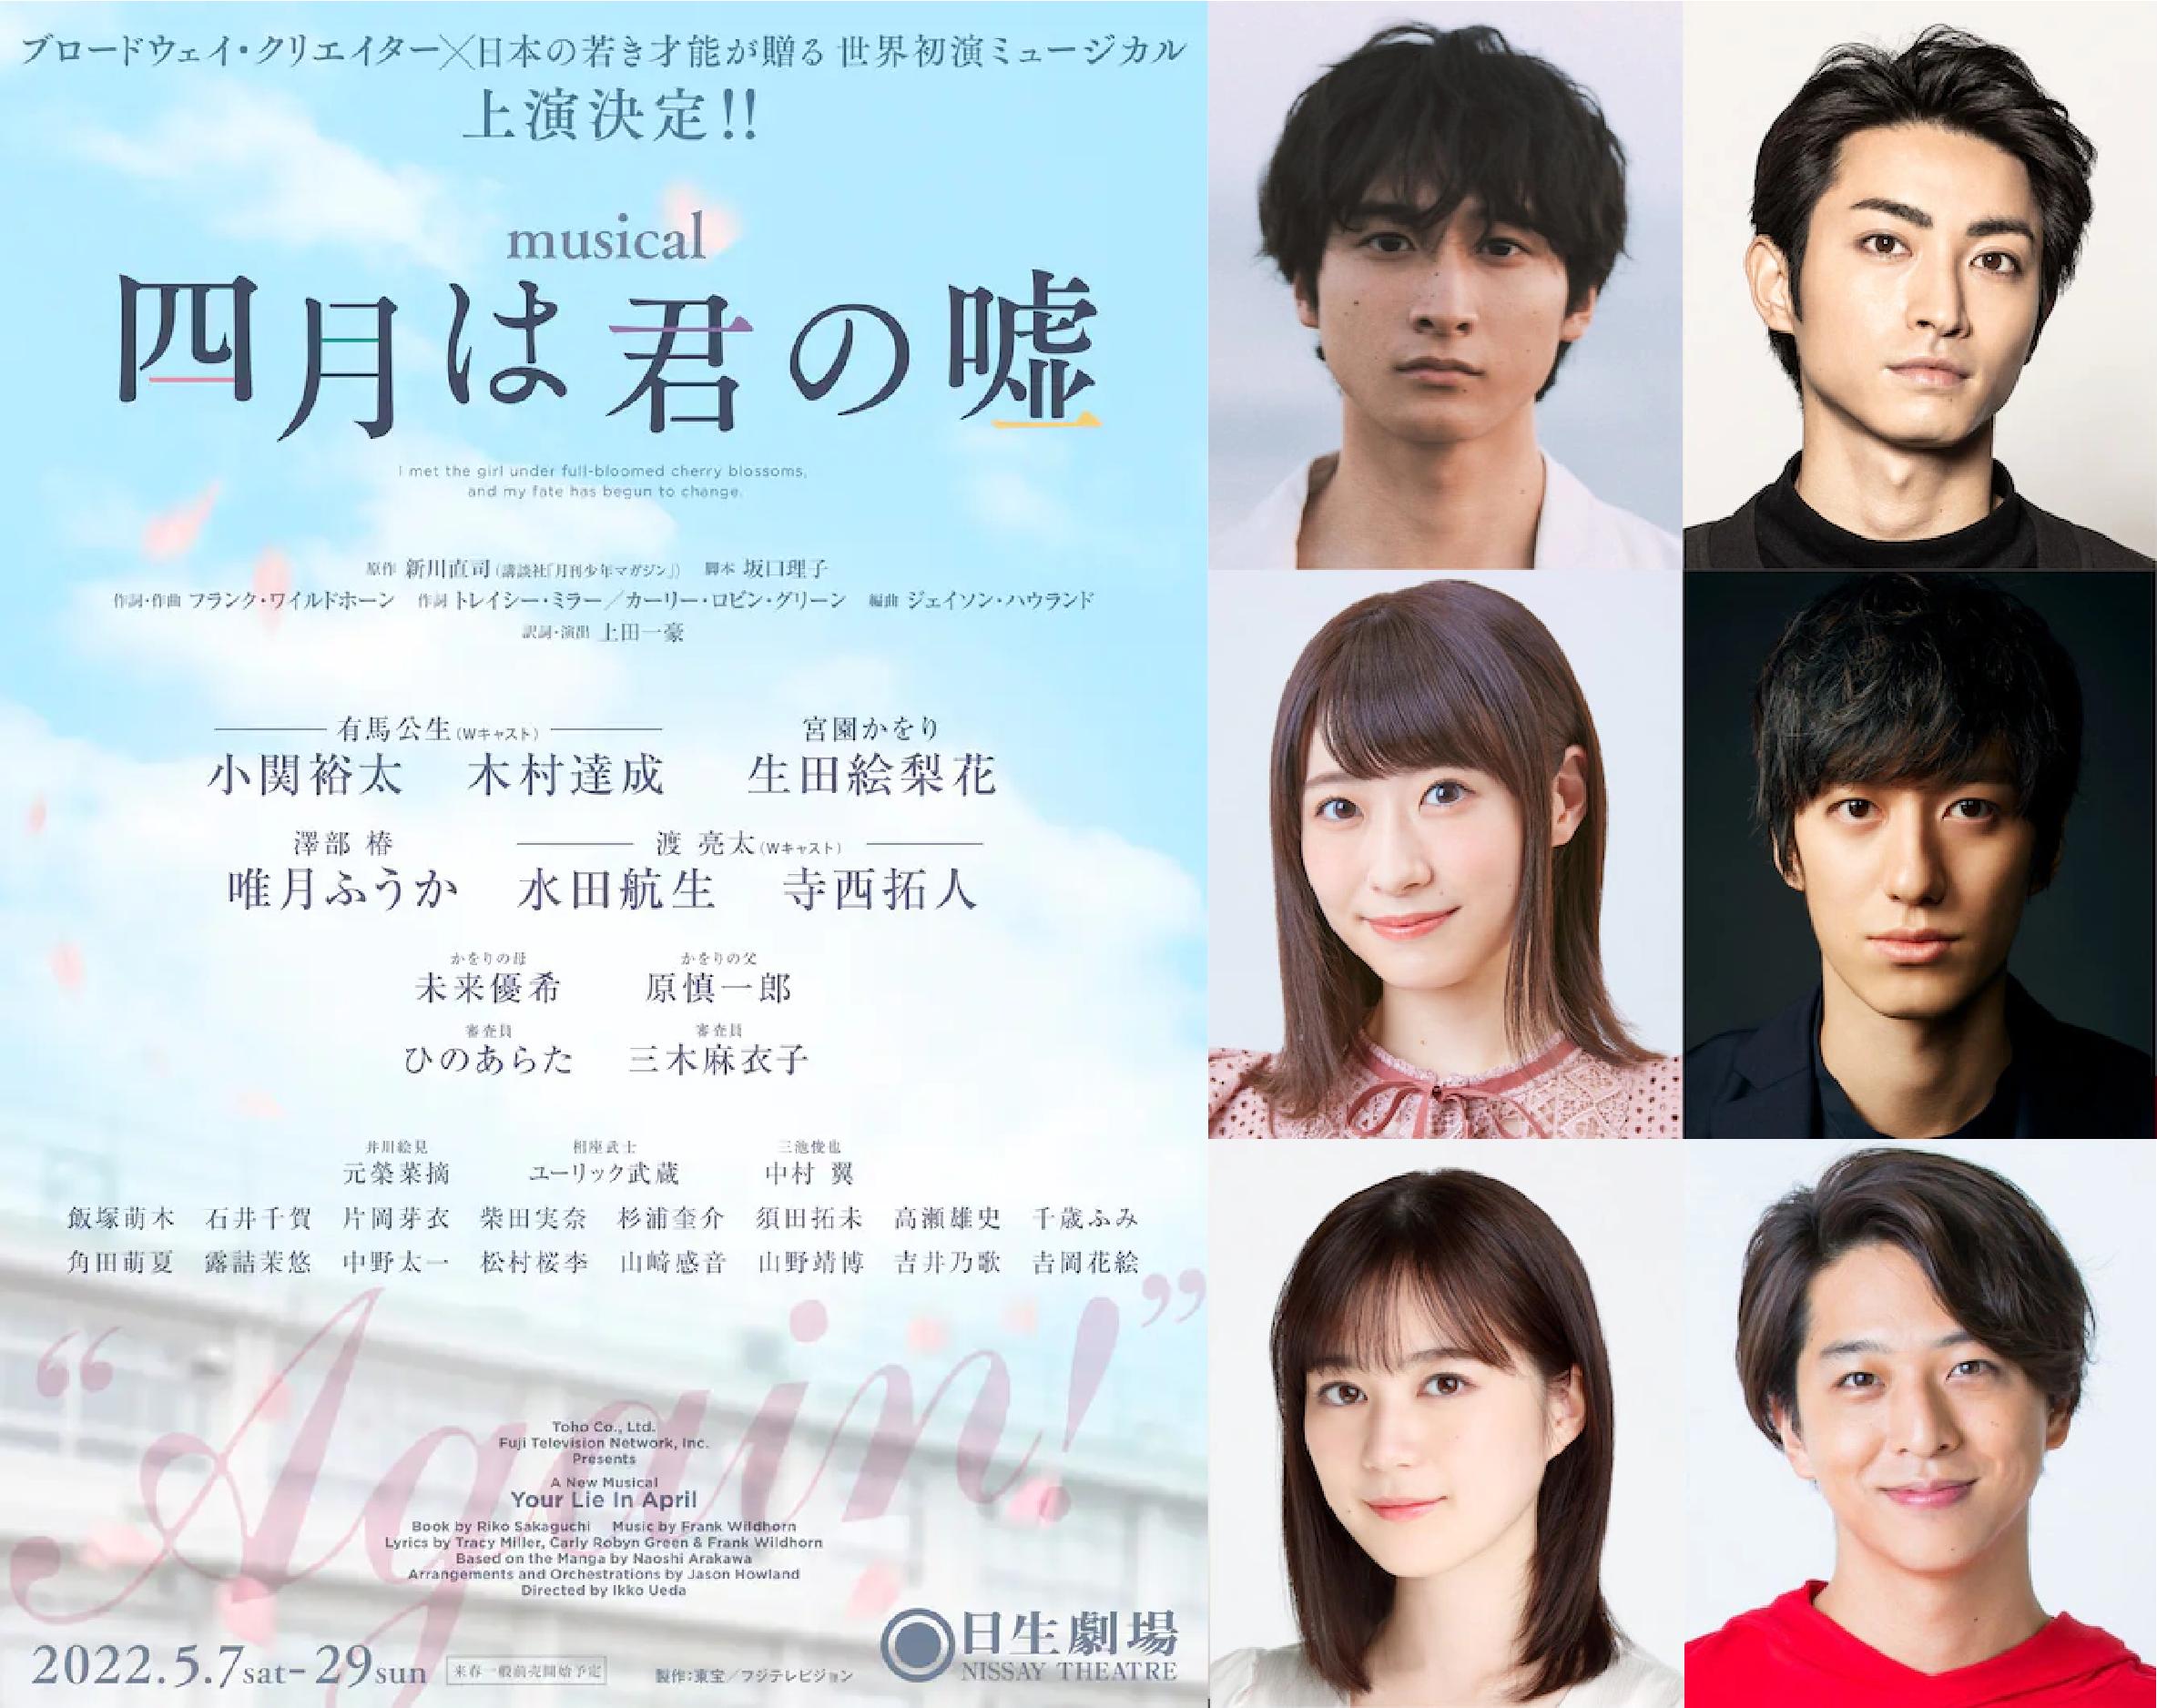 因為疫情被迫中止公演 音樂劇《四月是你的謊言》整頓再起宣布明年5月於東京上演